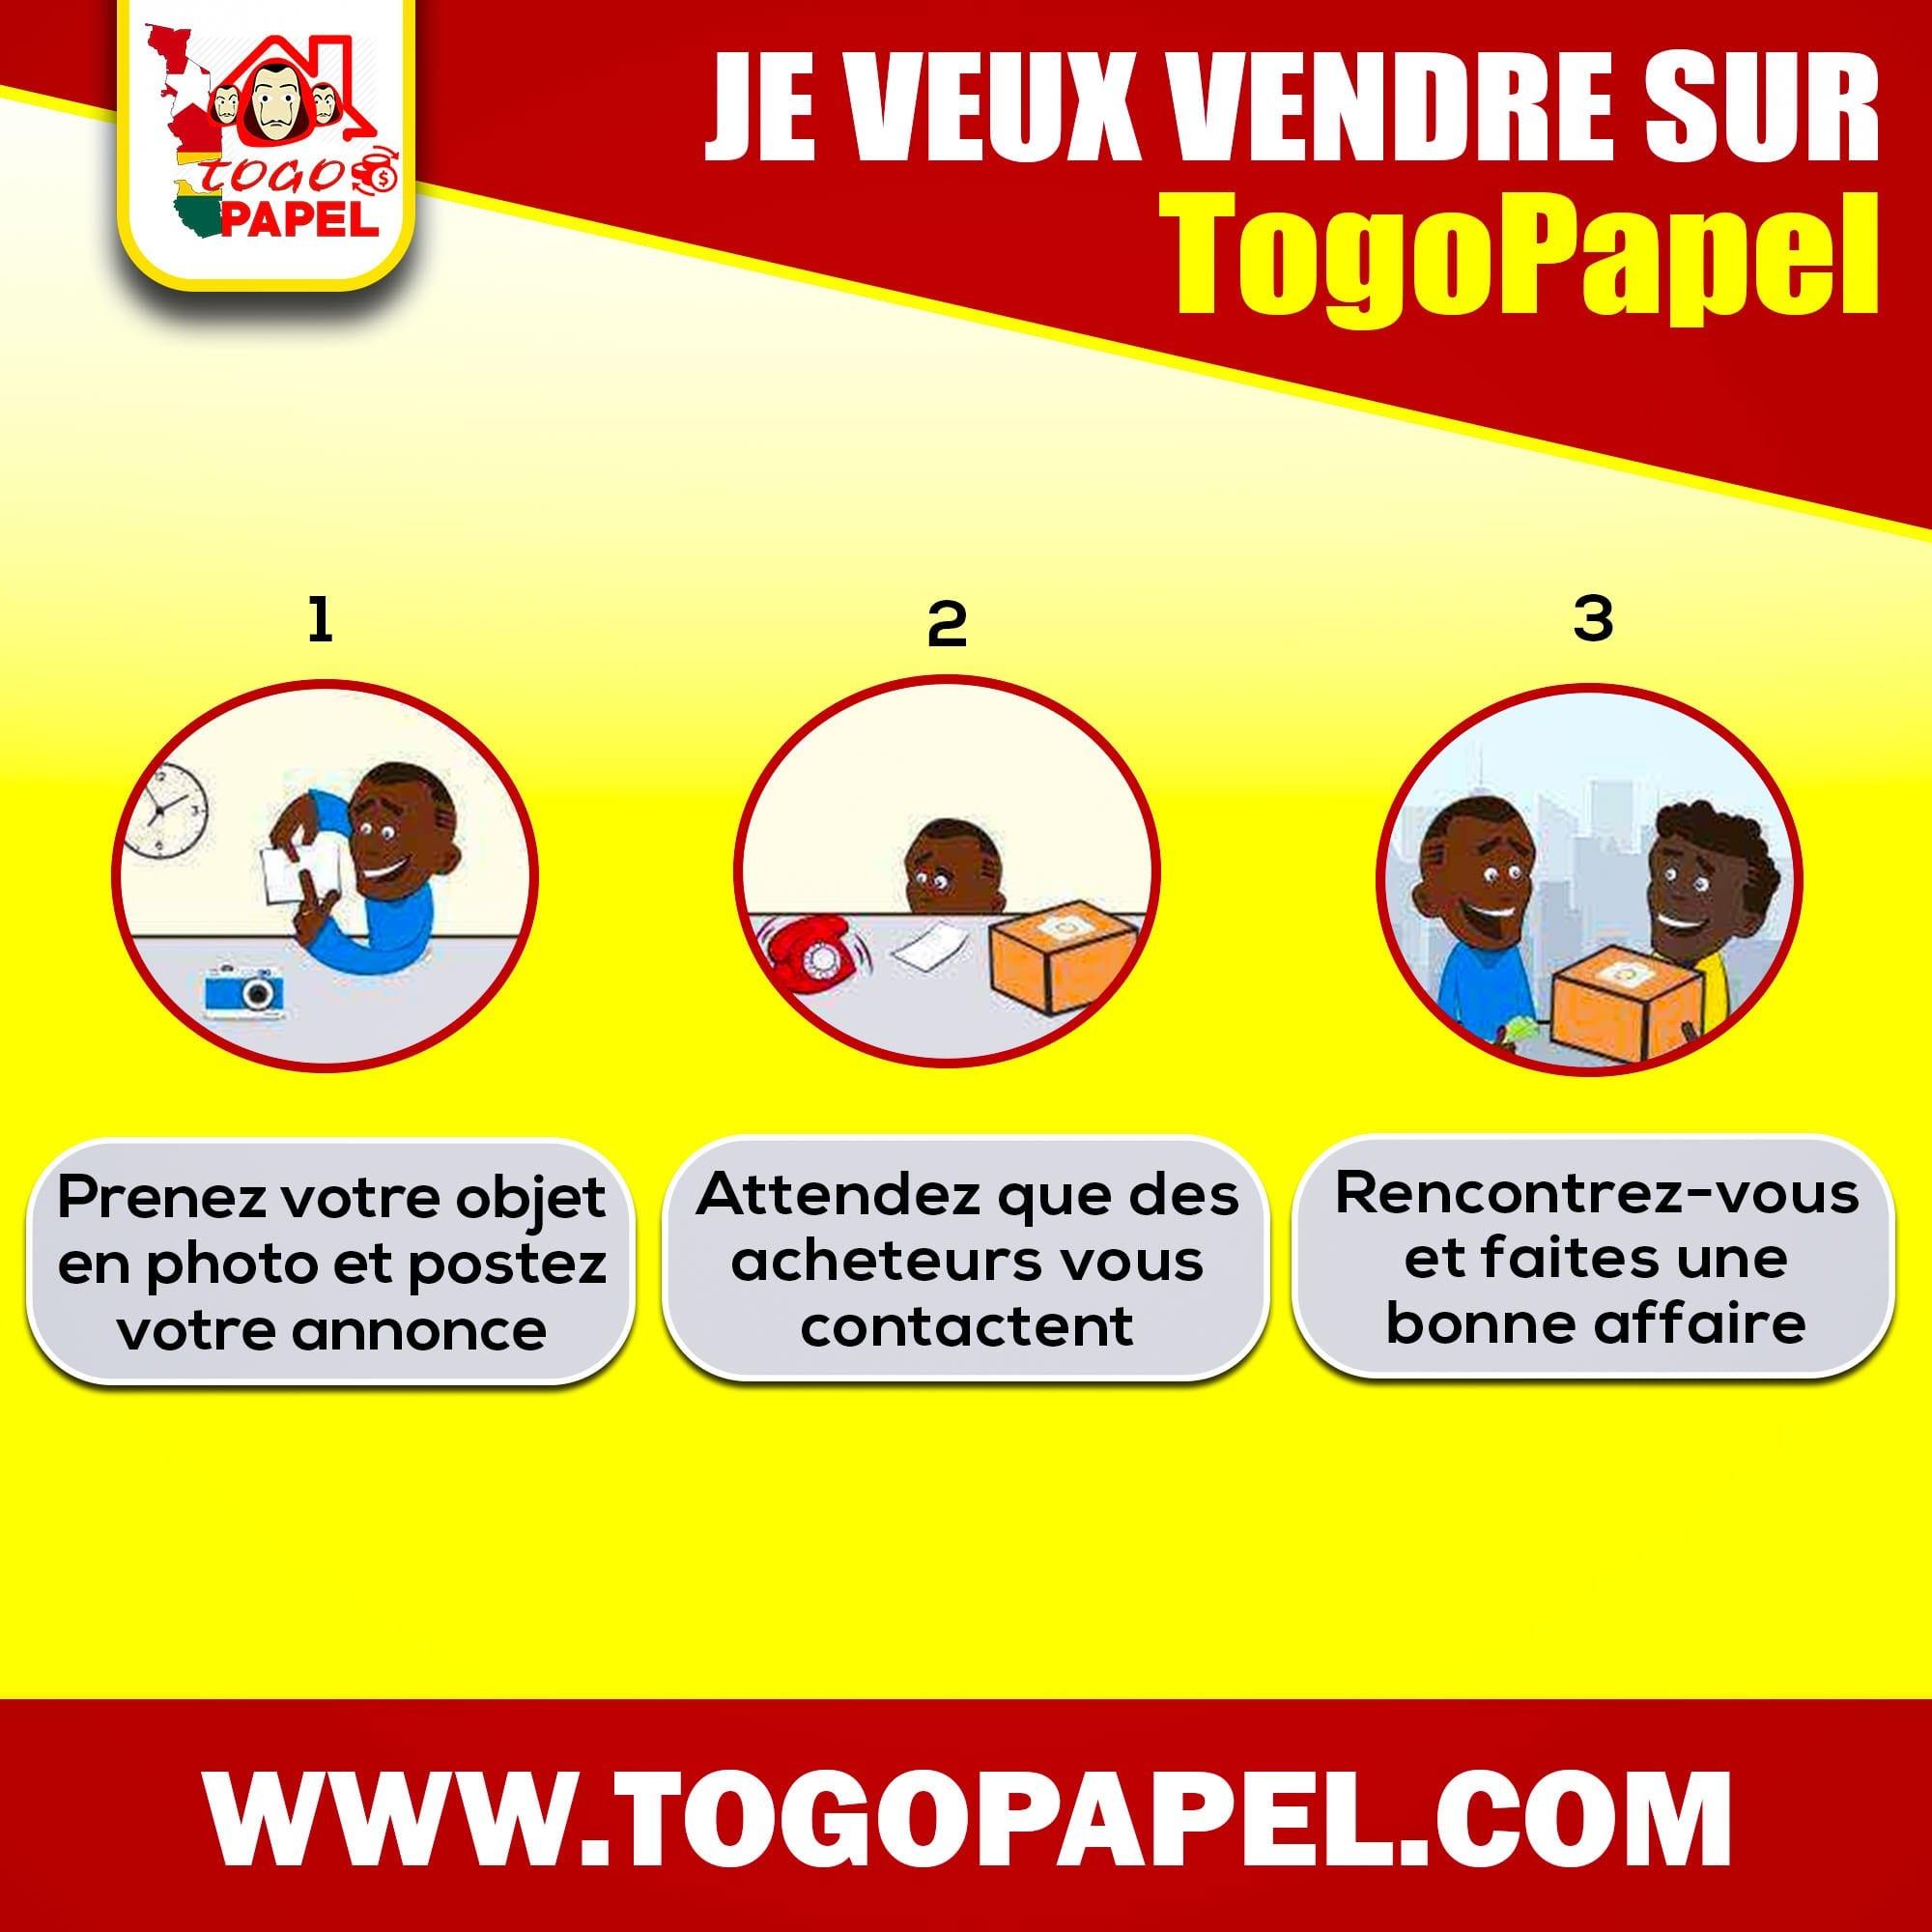 Voici comment s'incrire sur Togopapel, le site de vente et d'achat togolais